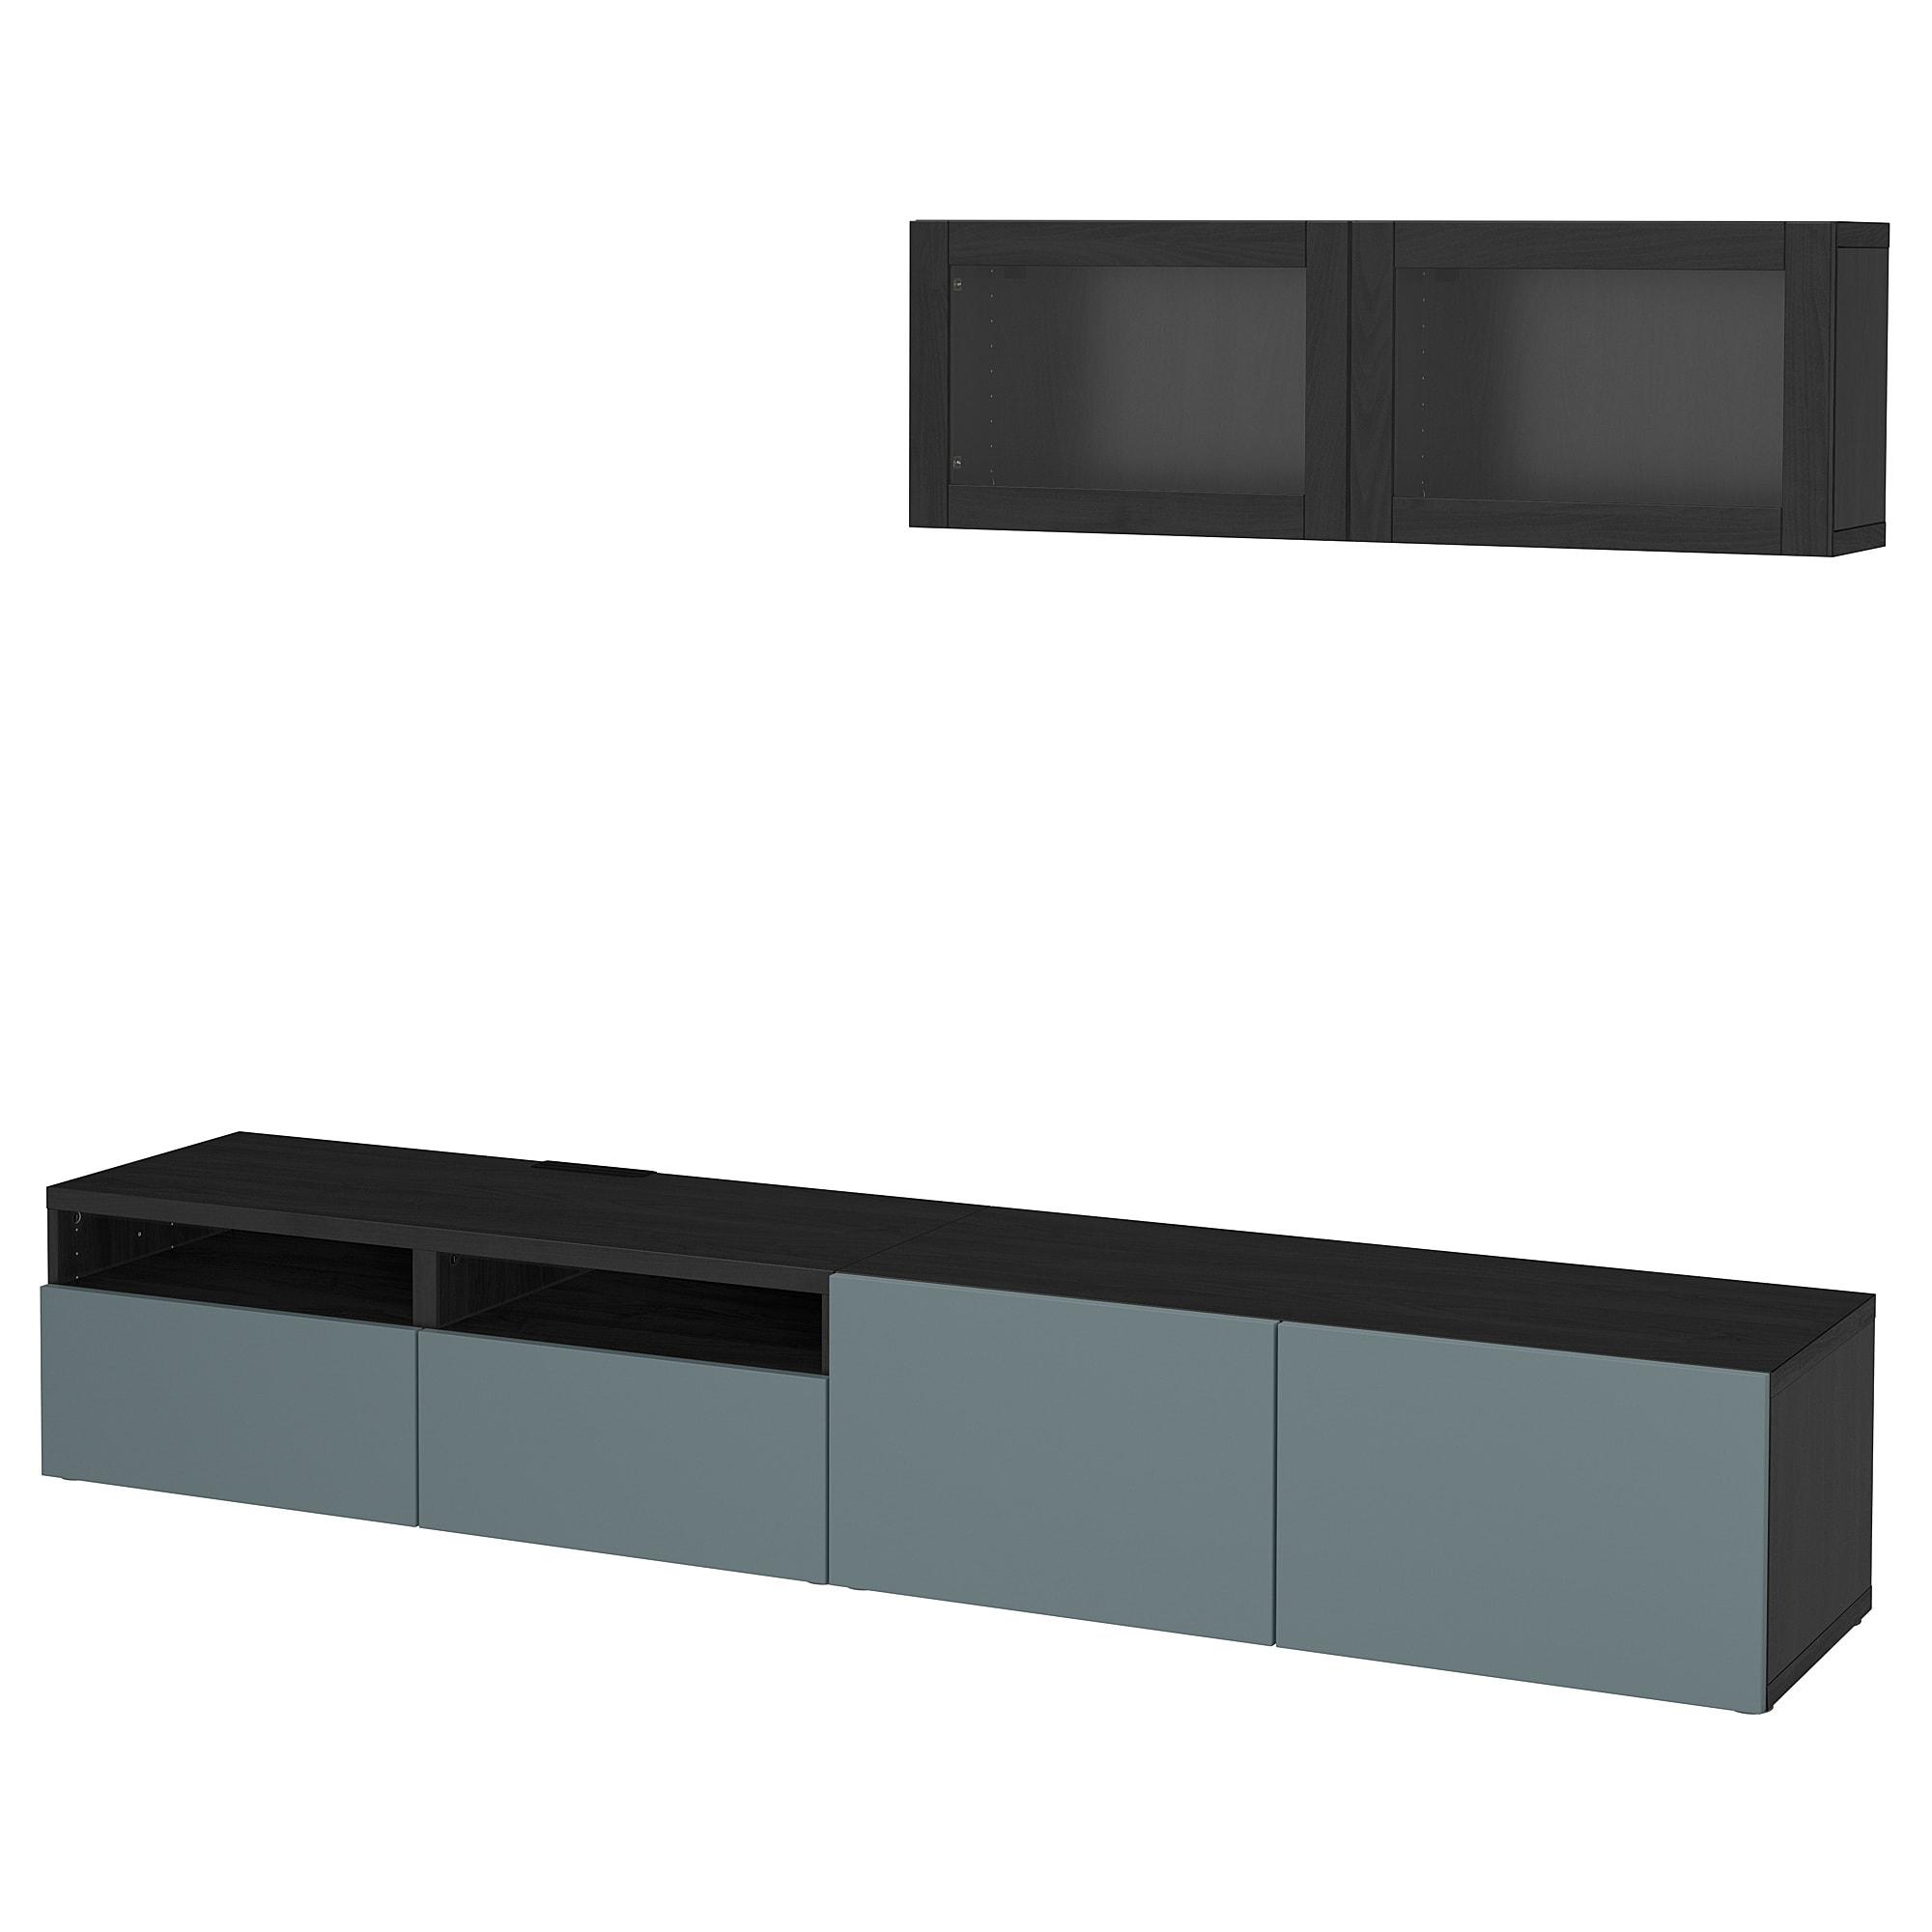 Шкаф для ТВ, комбинированный, стекляные дверцы БЕСТО артикуль № 092.509.33 в наличии. Online магазин IKEA РБ. Недорогая доставка и соборка.